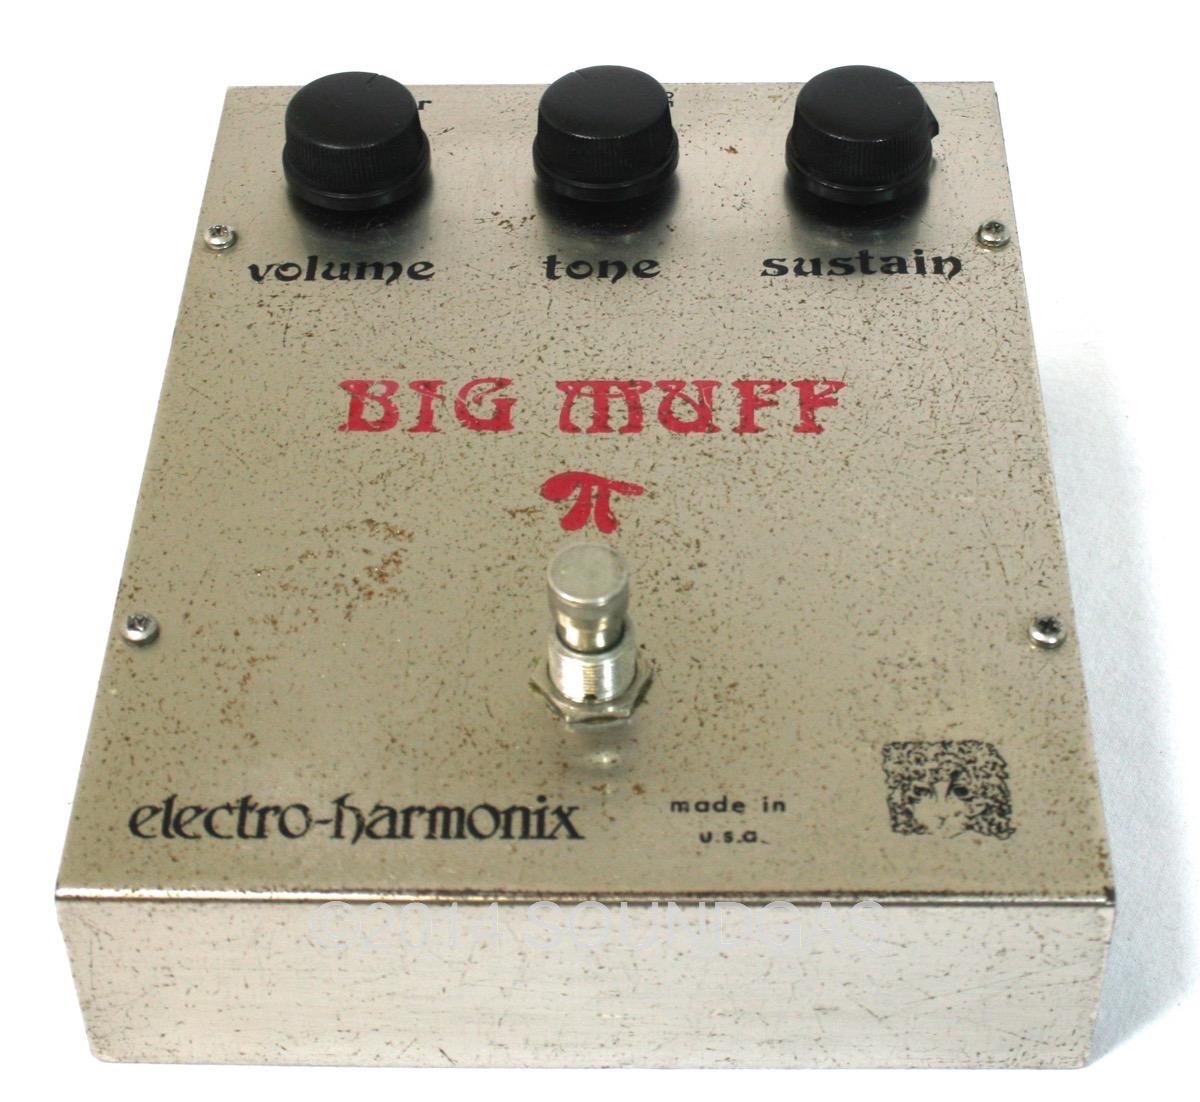 Anmeldelse: Ganske solid pedal, der kan justere volumen uden at påvirke.